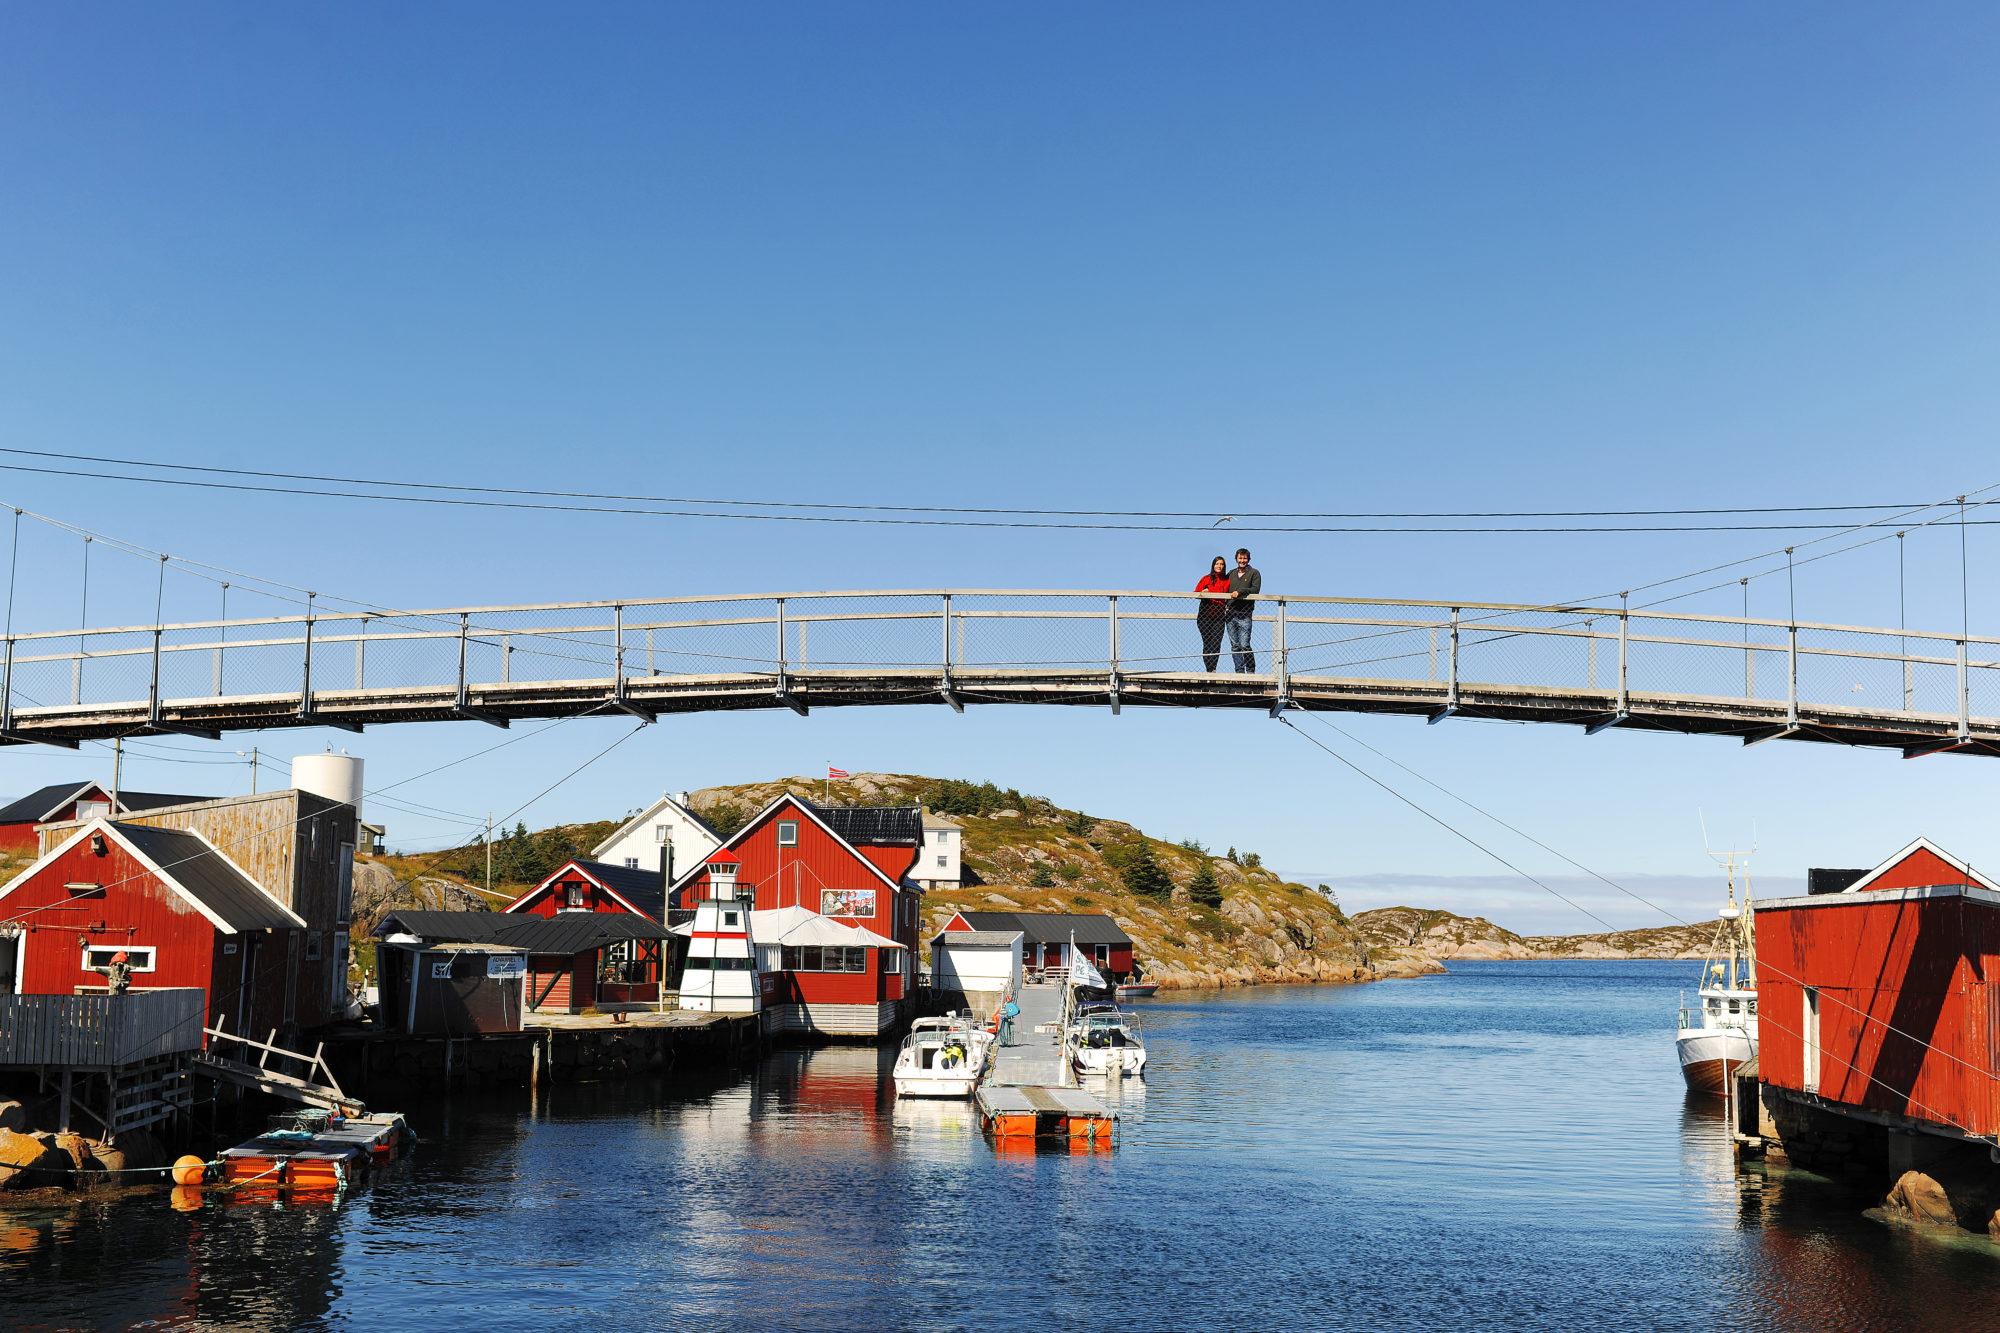 Bogøyvær på Frøya, kysten av Trøndelag. Foto: Marius Rua /trondelag.com